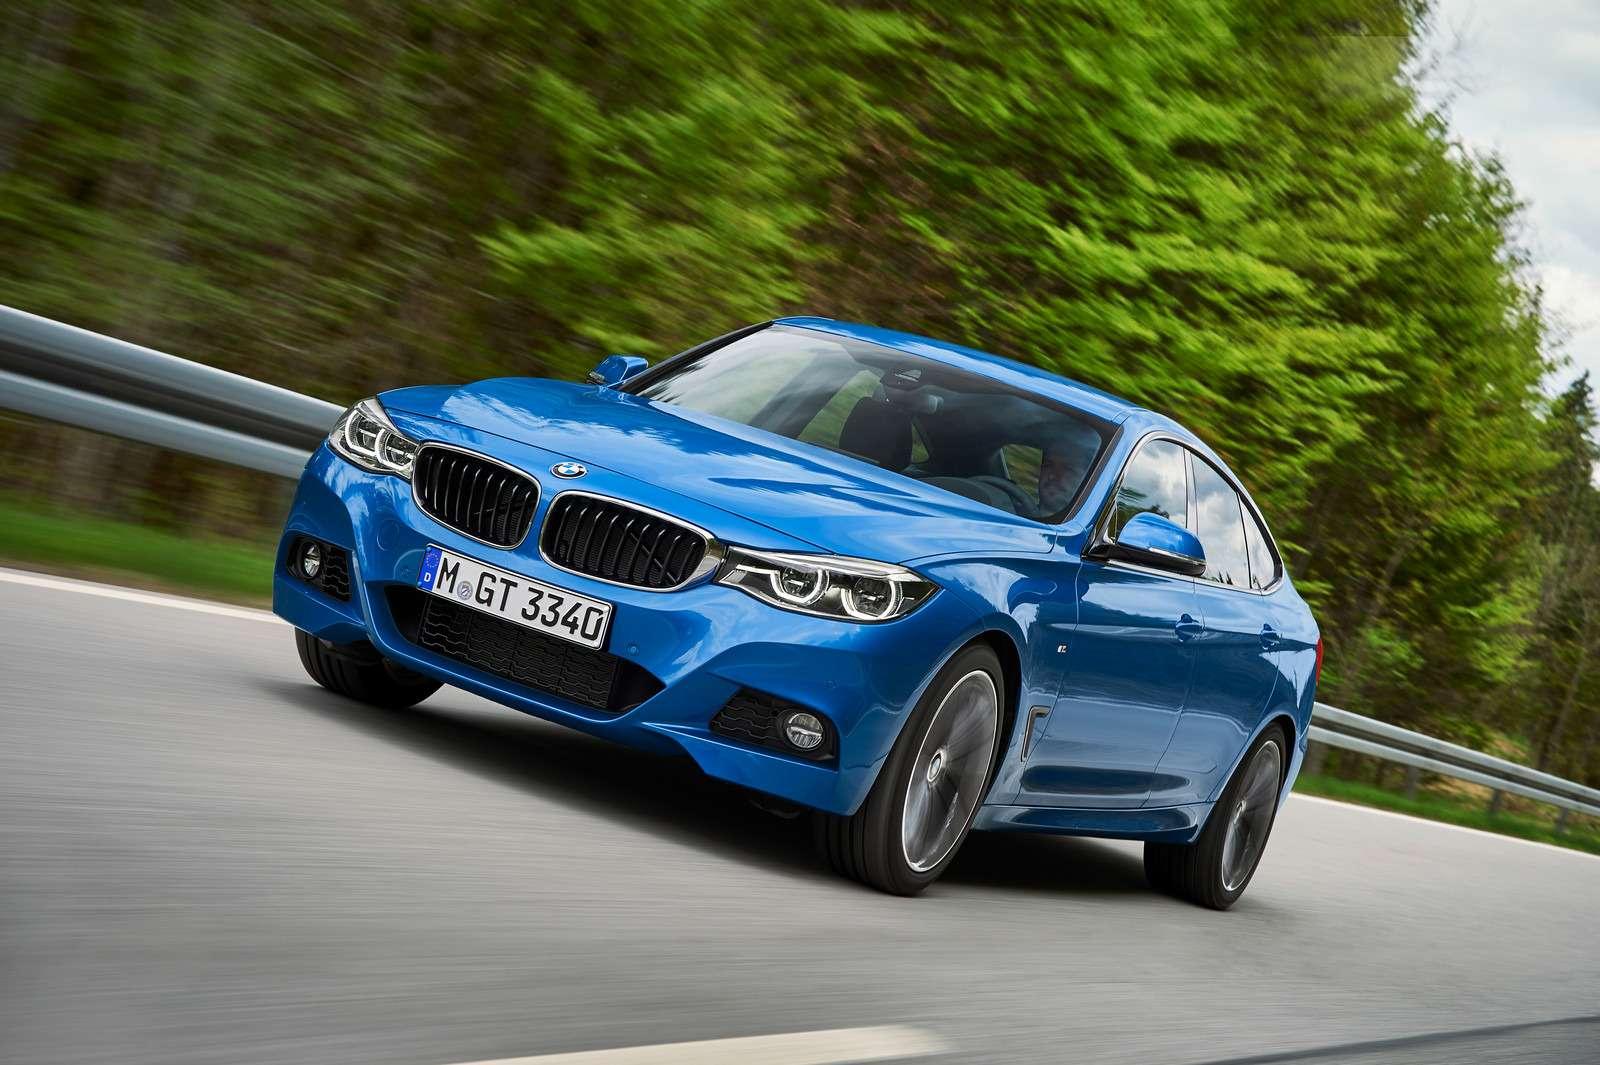 Обновленный BMW 3-й серии GT: урок эффективного менеджмента— фото 593862